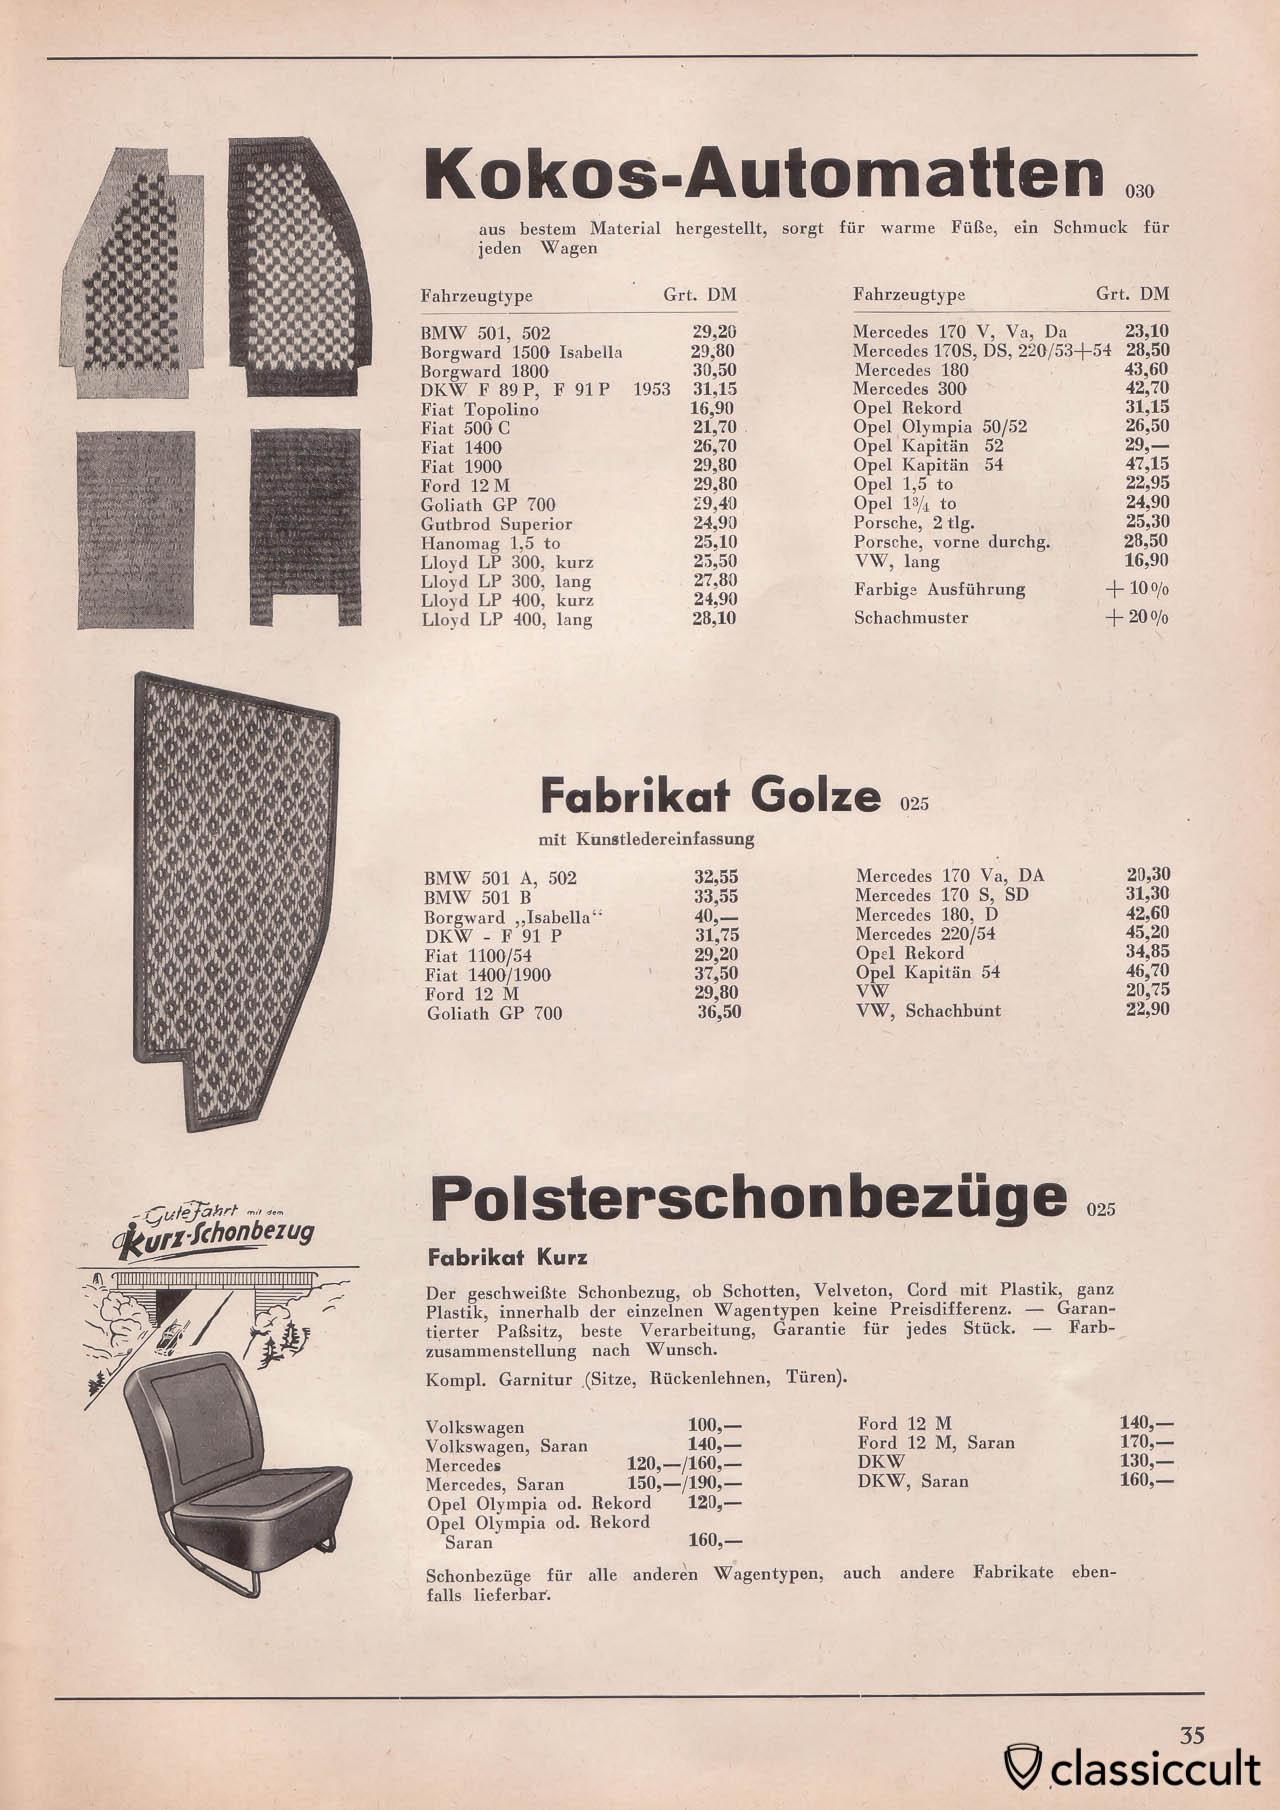 kraftfahrzeug zubehör katalog 1954 1955 classiccult tuning zubehor schmuck zubehor c 33 #10